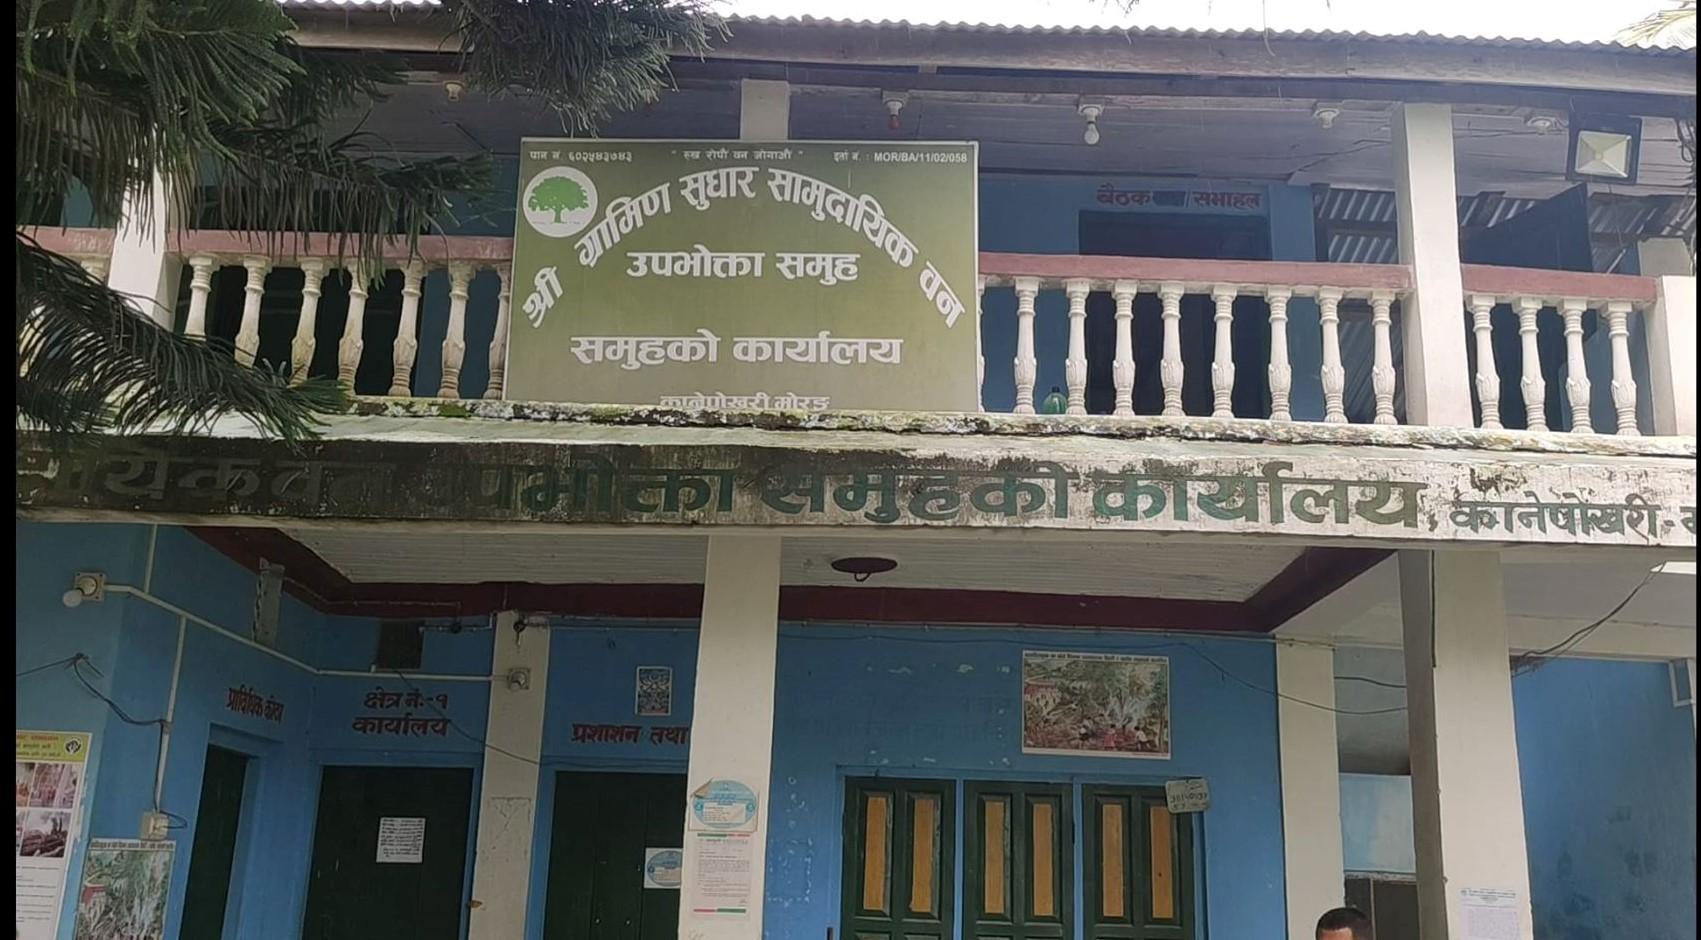 ग्रामीण सुधार सामुदायीक वनमा आर्थिक अनियमितता लुकाउन काठ कुहिएको बाहाना